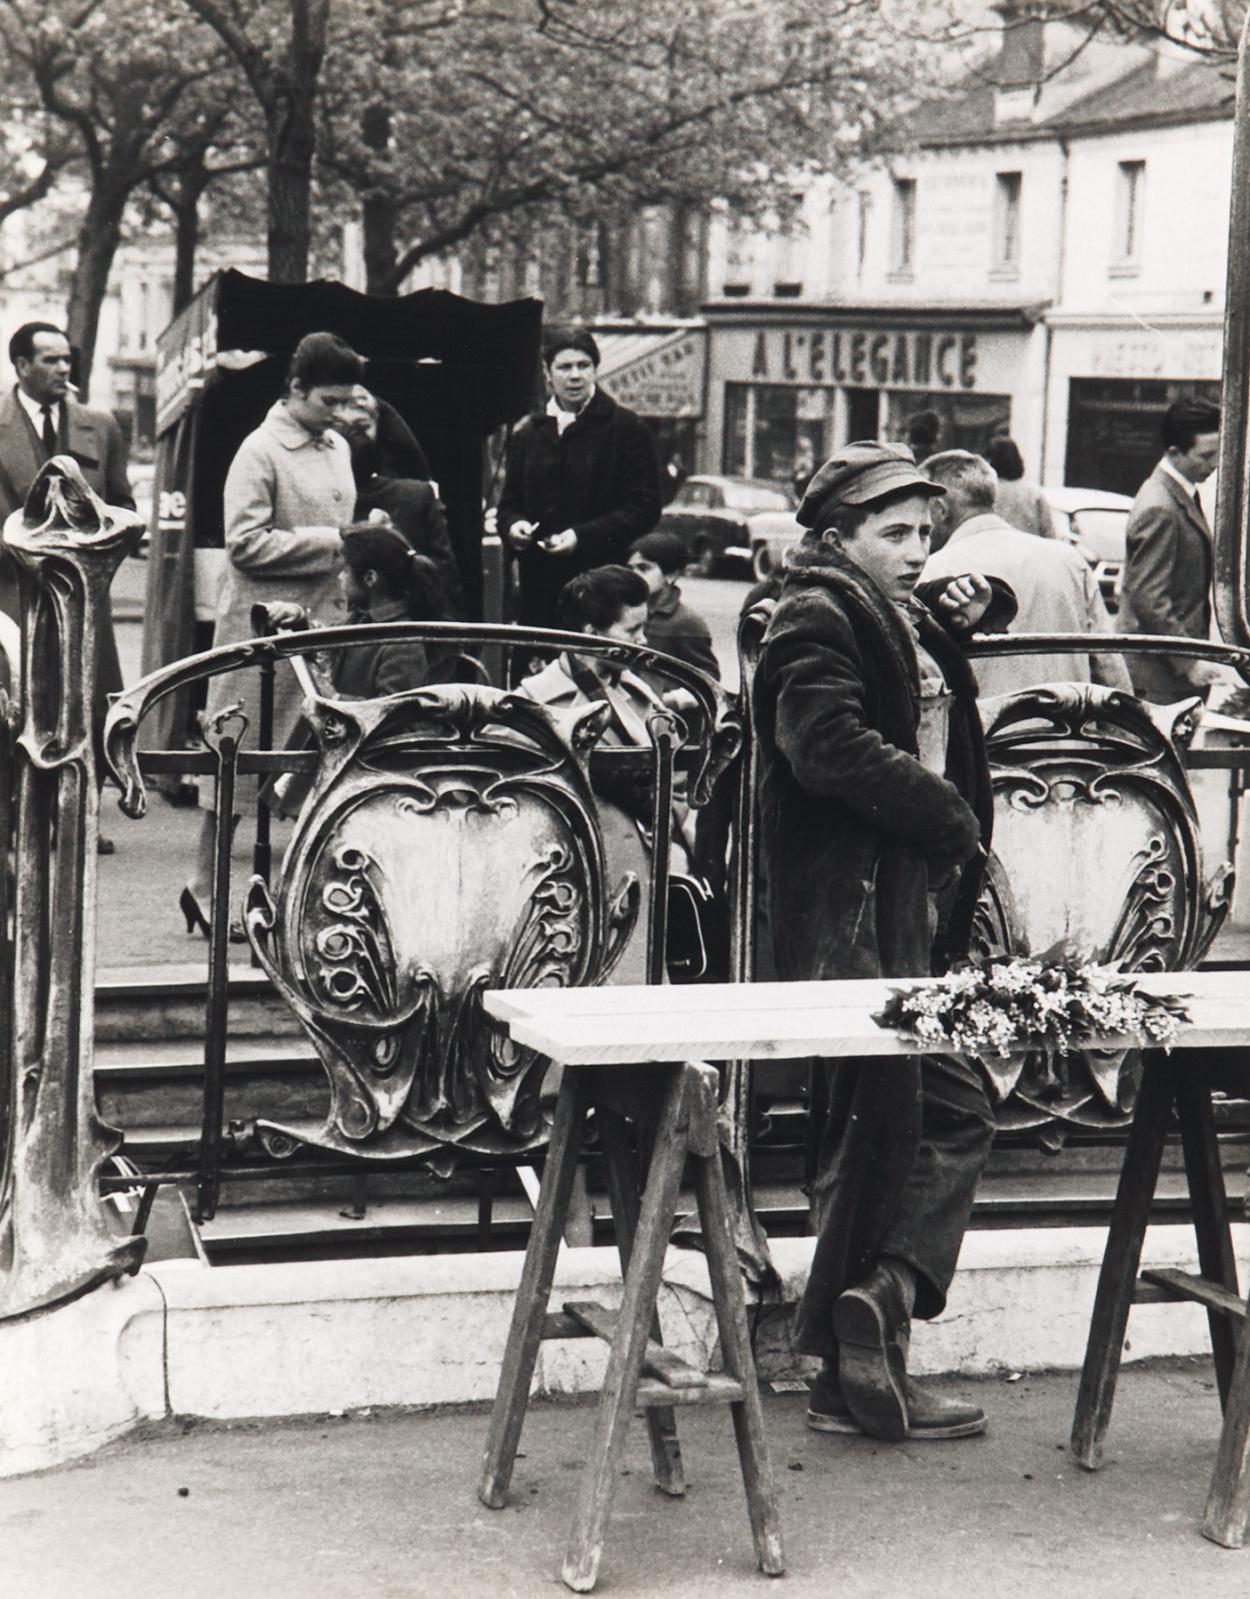 Israëlis Bidermanas, dit IZIS (1911-1980), Près du métro, place d'Italie, Paris, 1ermai 1968, tirage argentique d'époque, 28,2x21,5cm. Paris, Drou